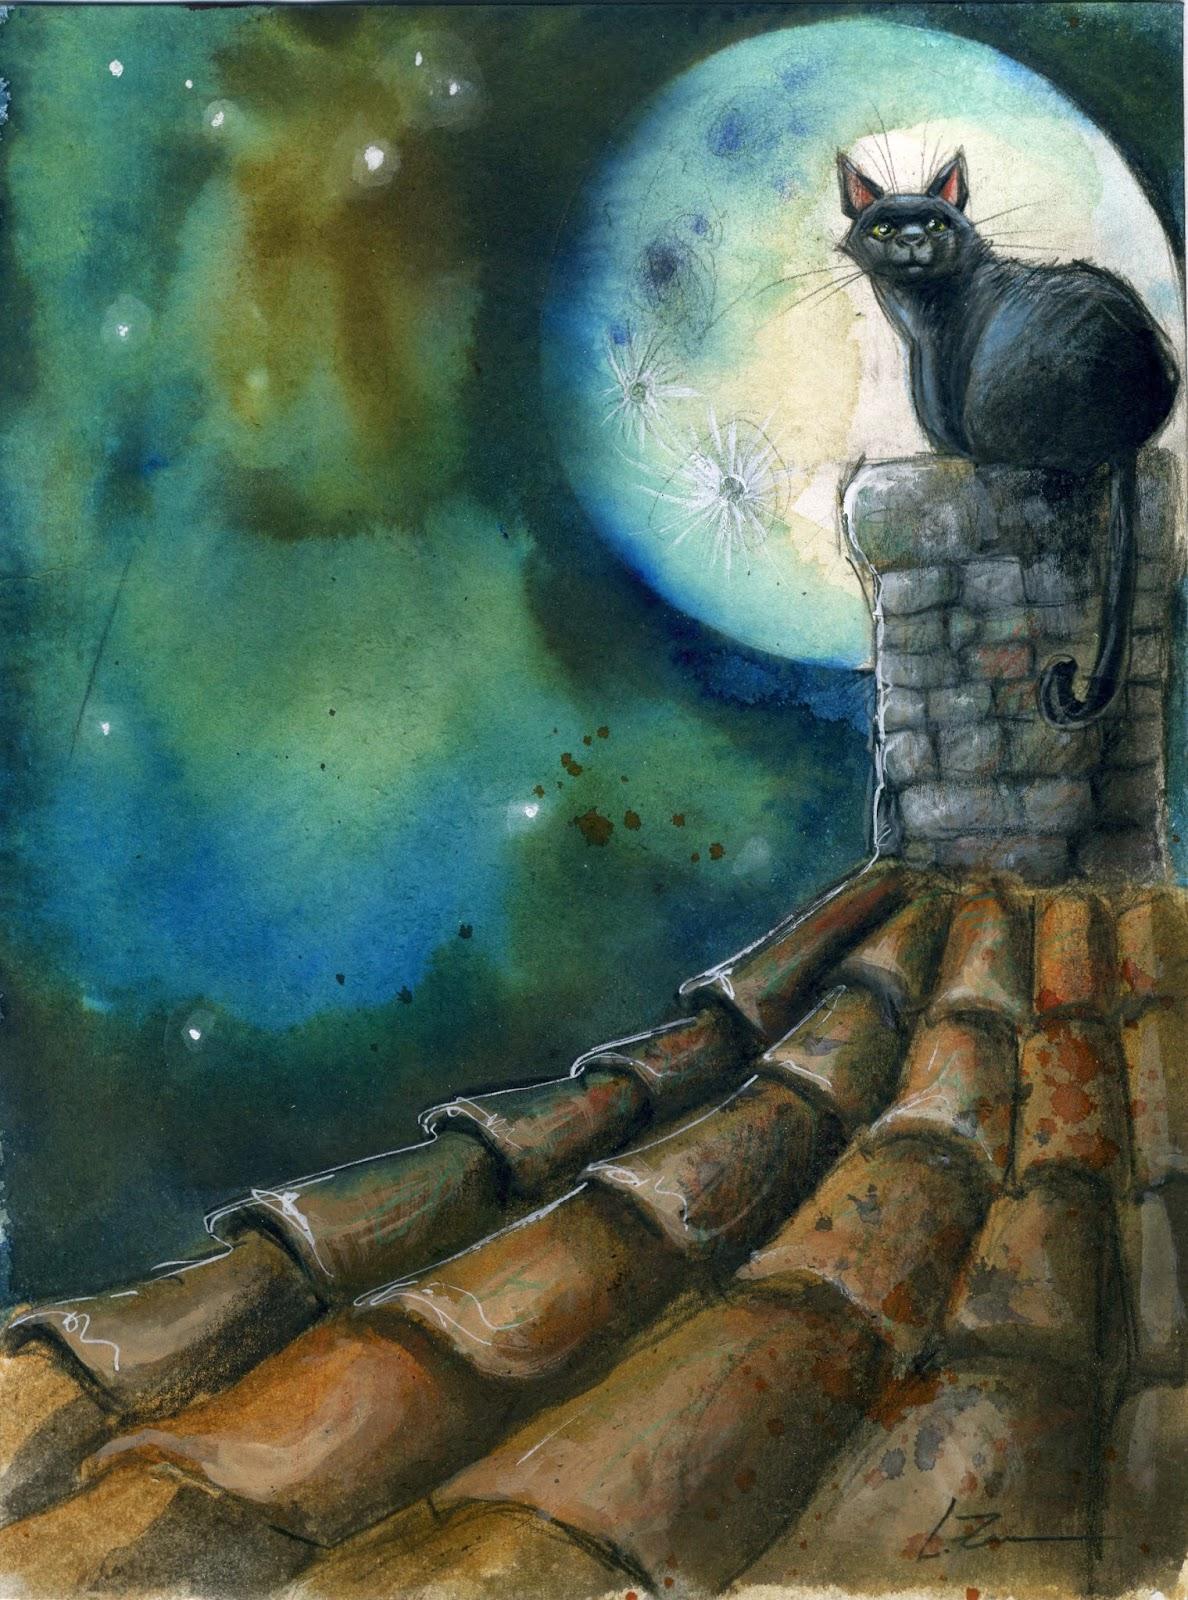 Gato negro sobre el tejado | Oniris Art - Leticia Zamora